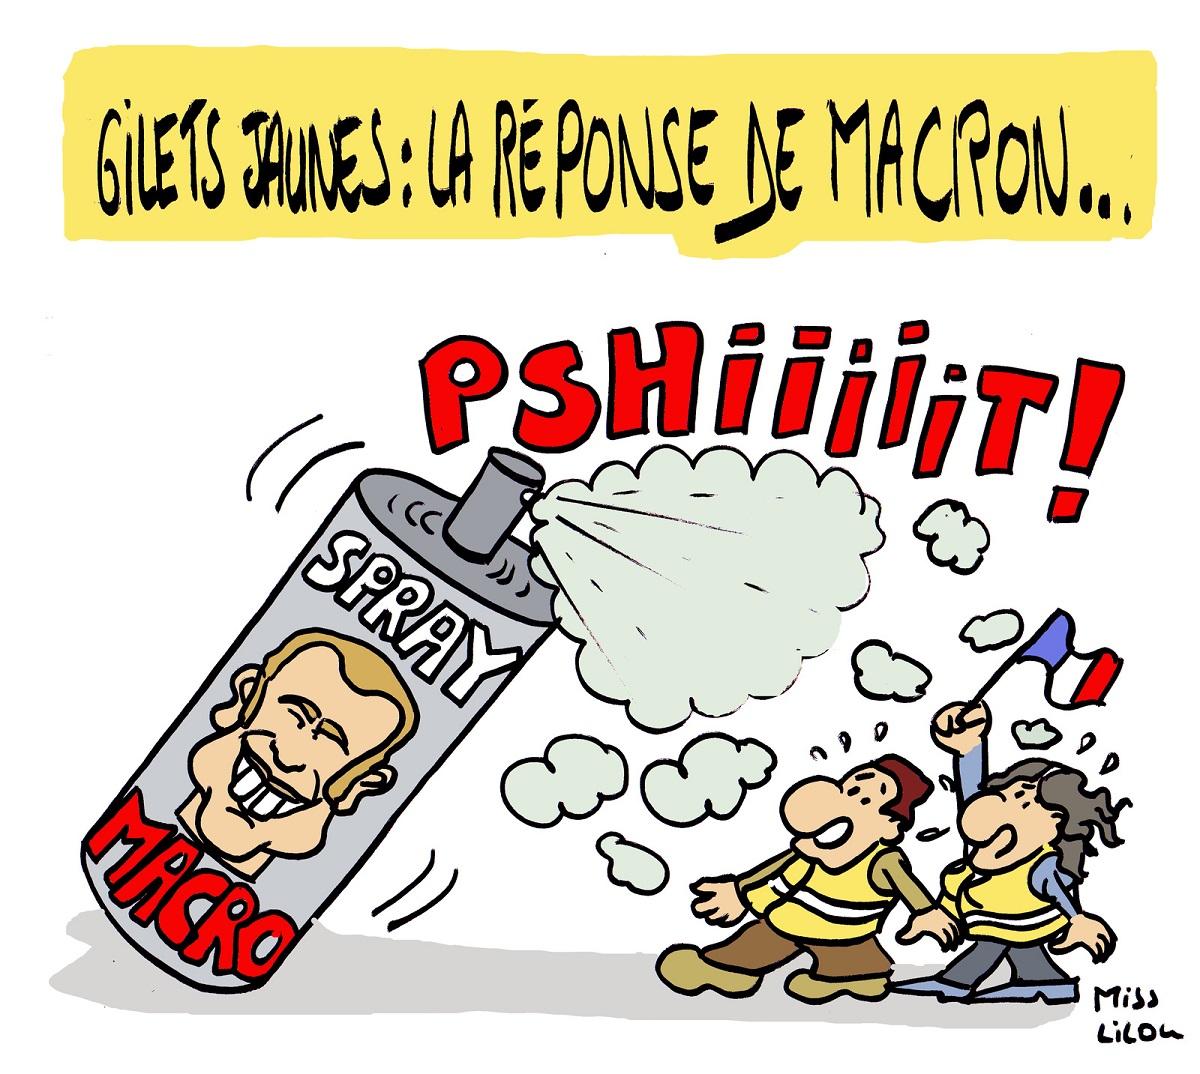 dessin d'actualité humoristique sur Emmanuel Macron et le mouvement des gilets jaunes du 17 novembre